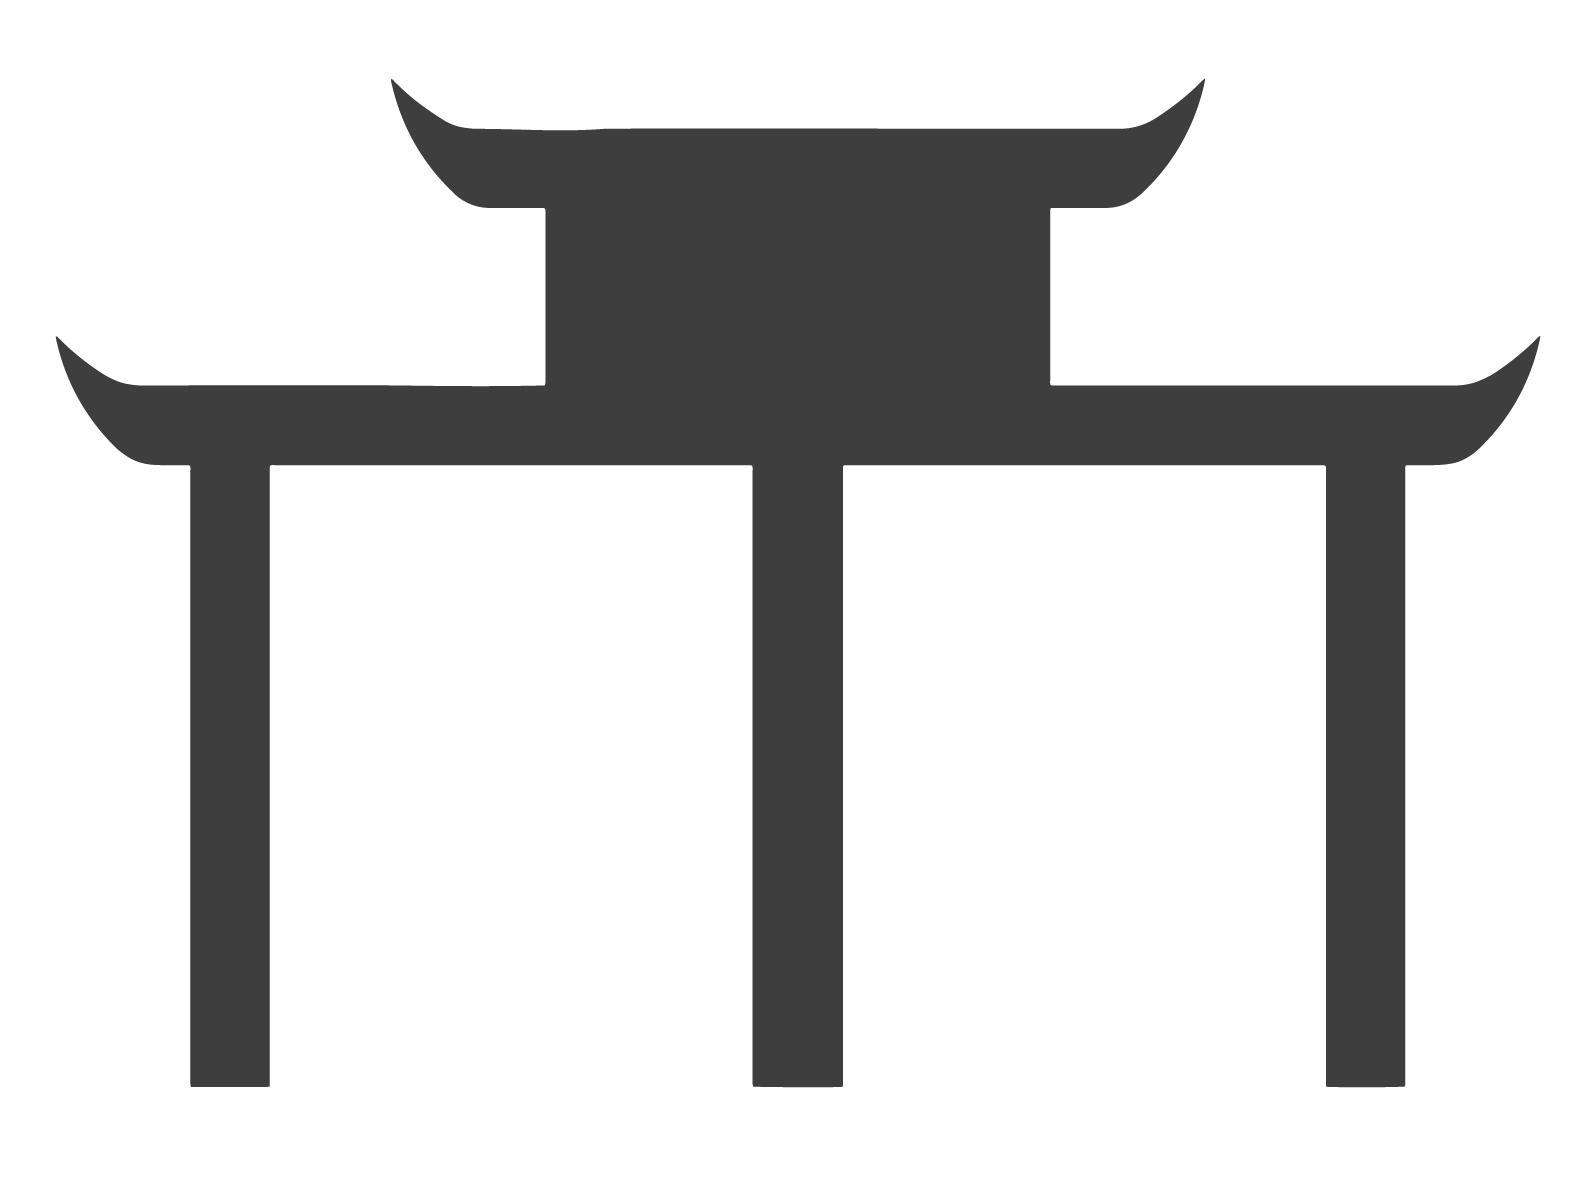 太仓易禾装饰工程有限公司